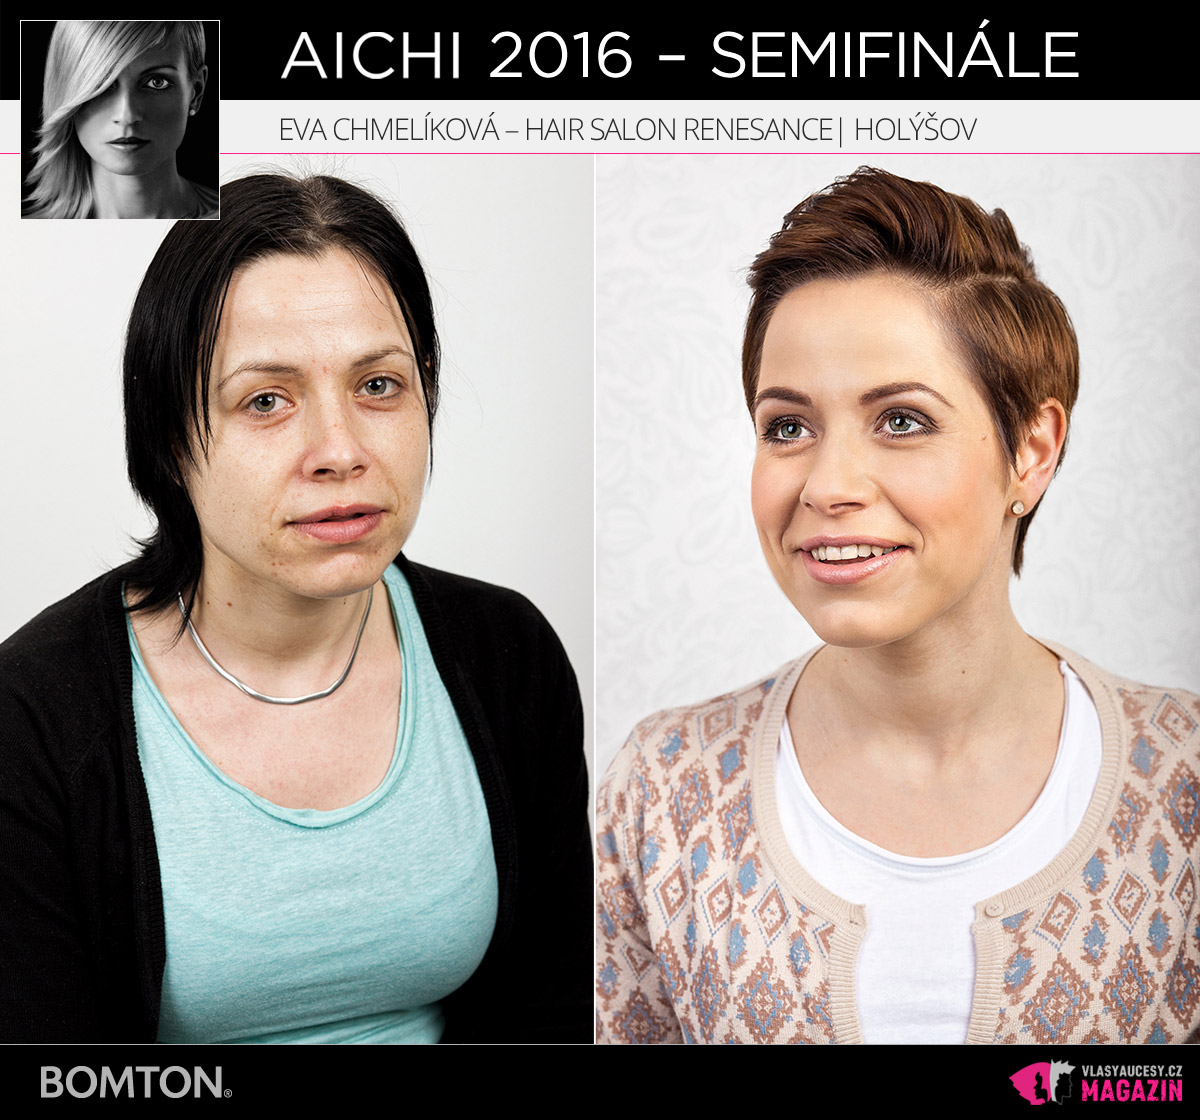 Eva Chmelíková – Hair Salon Renesance, Holýšov | Proměny AICHI 2016 - postupující do semifinálového kola